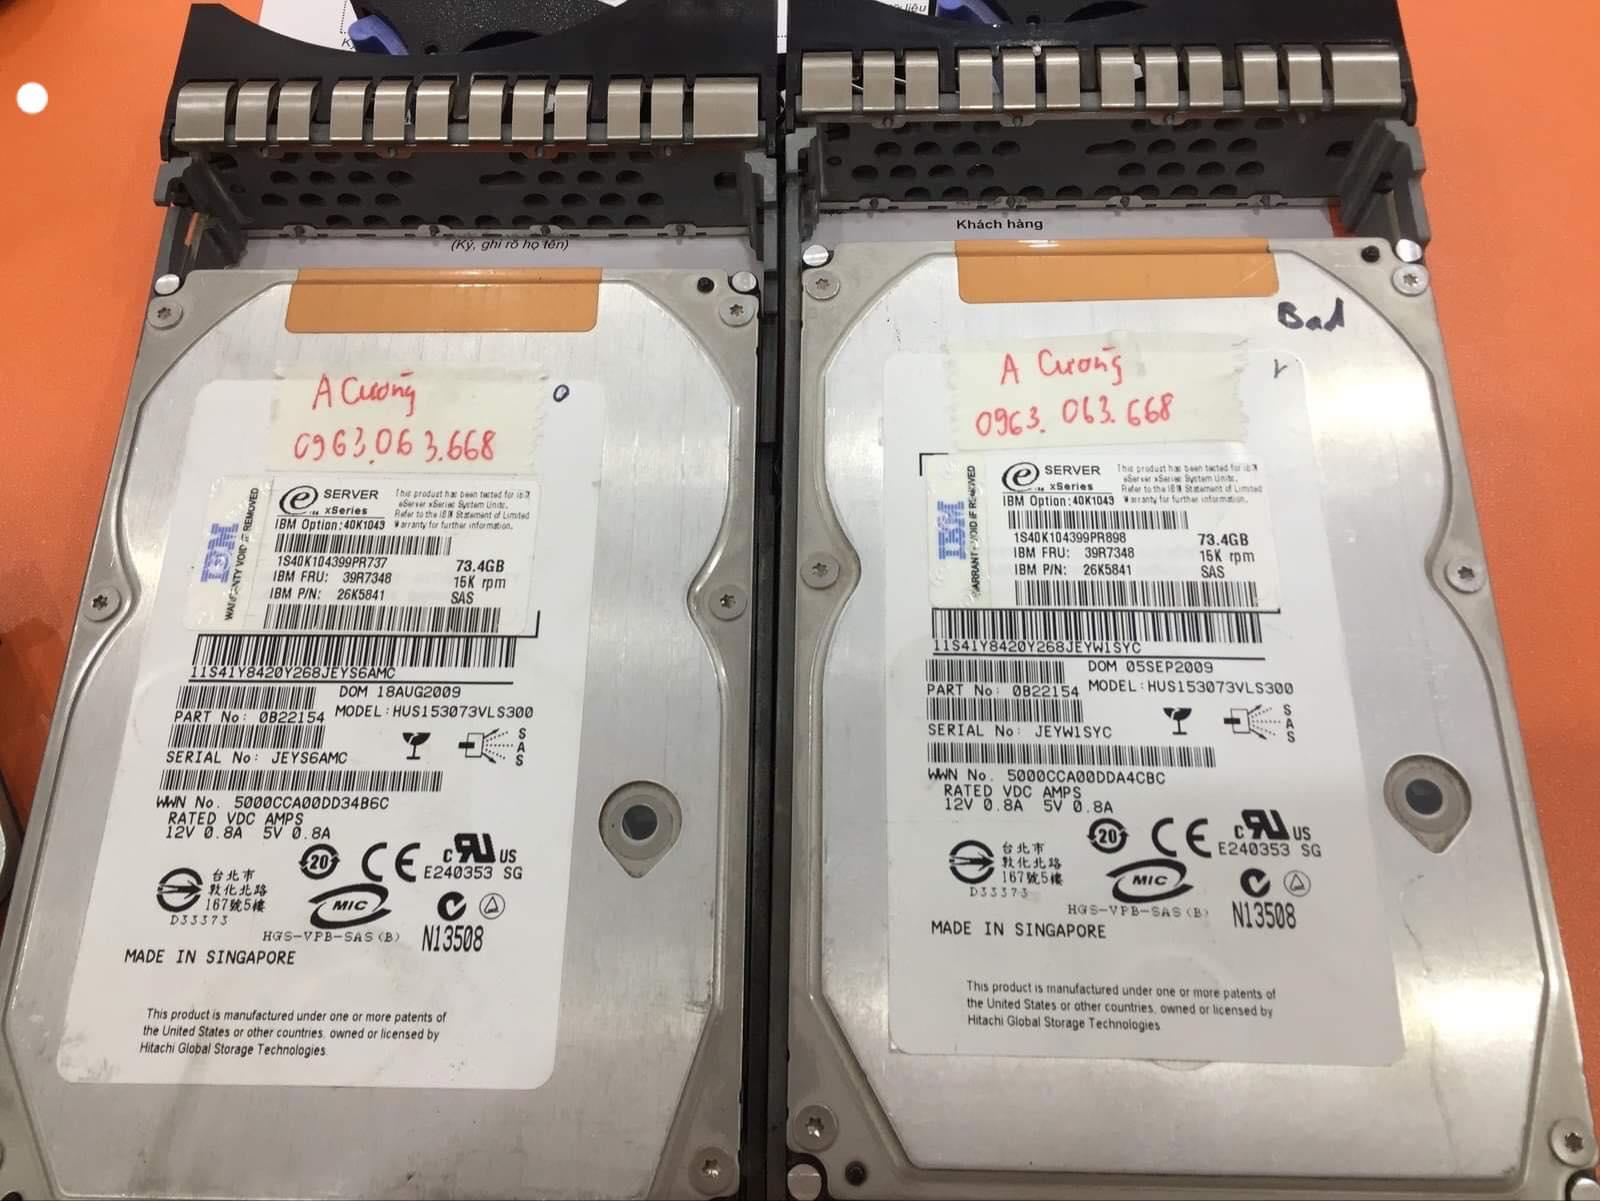 Khôi phục dữ liệu máy chủ IBM với 2HDDx74GB chạy raid 0 lỗi 1HDD 18/05/2019 - cuumaytinh